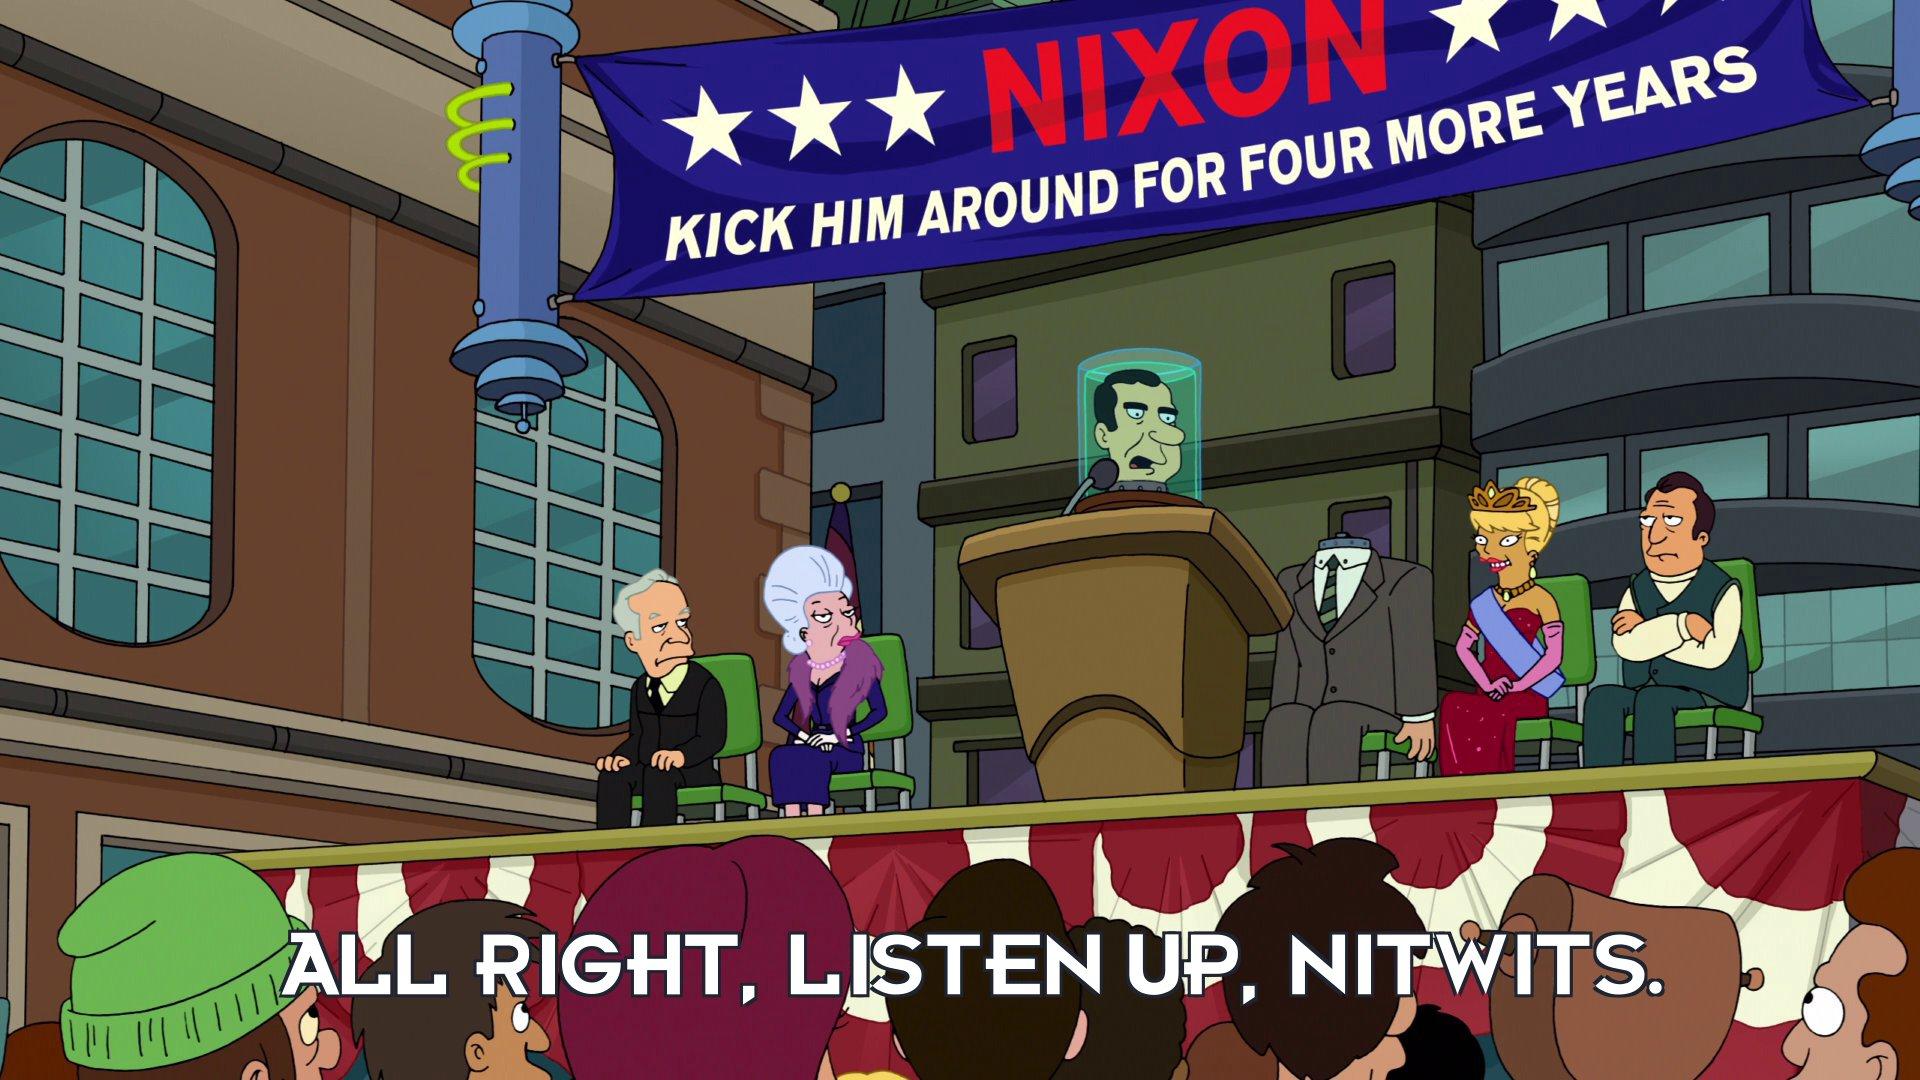 Richard Nixon's head: All right, listen up, nitwits.